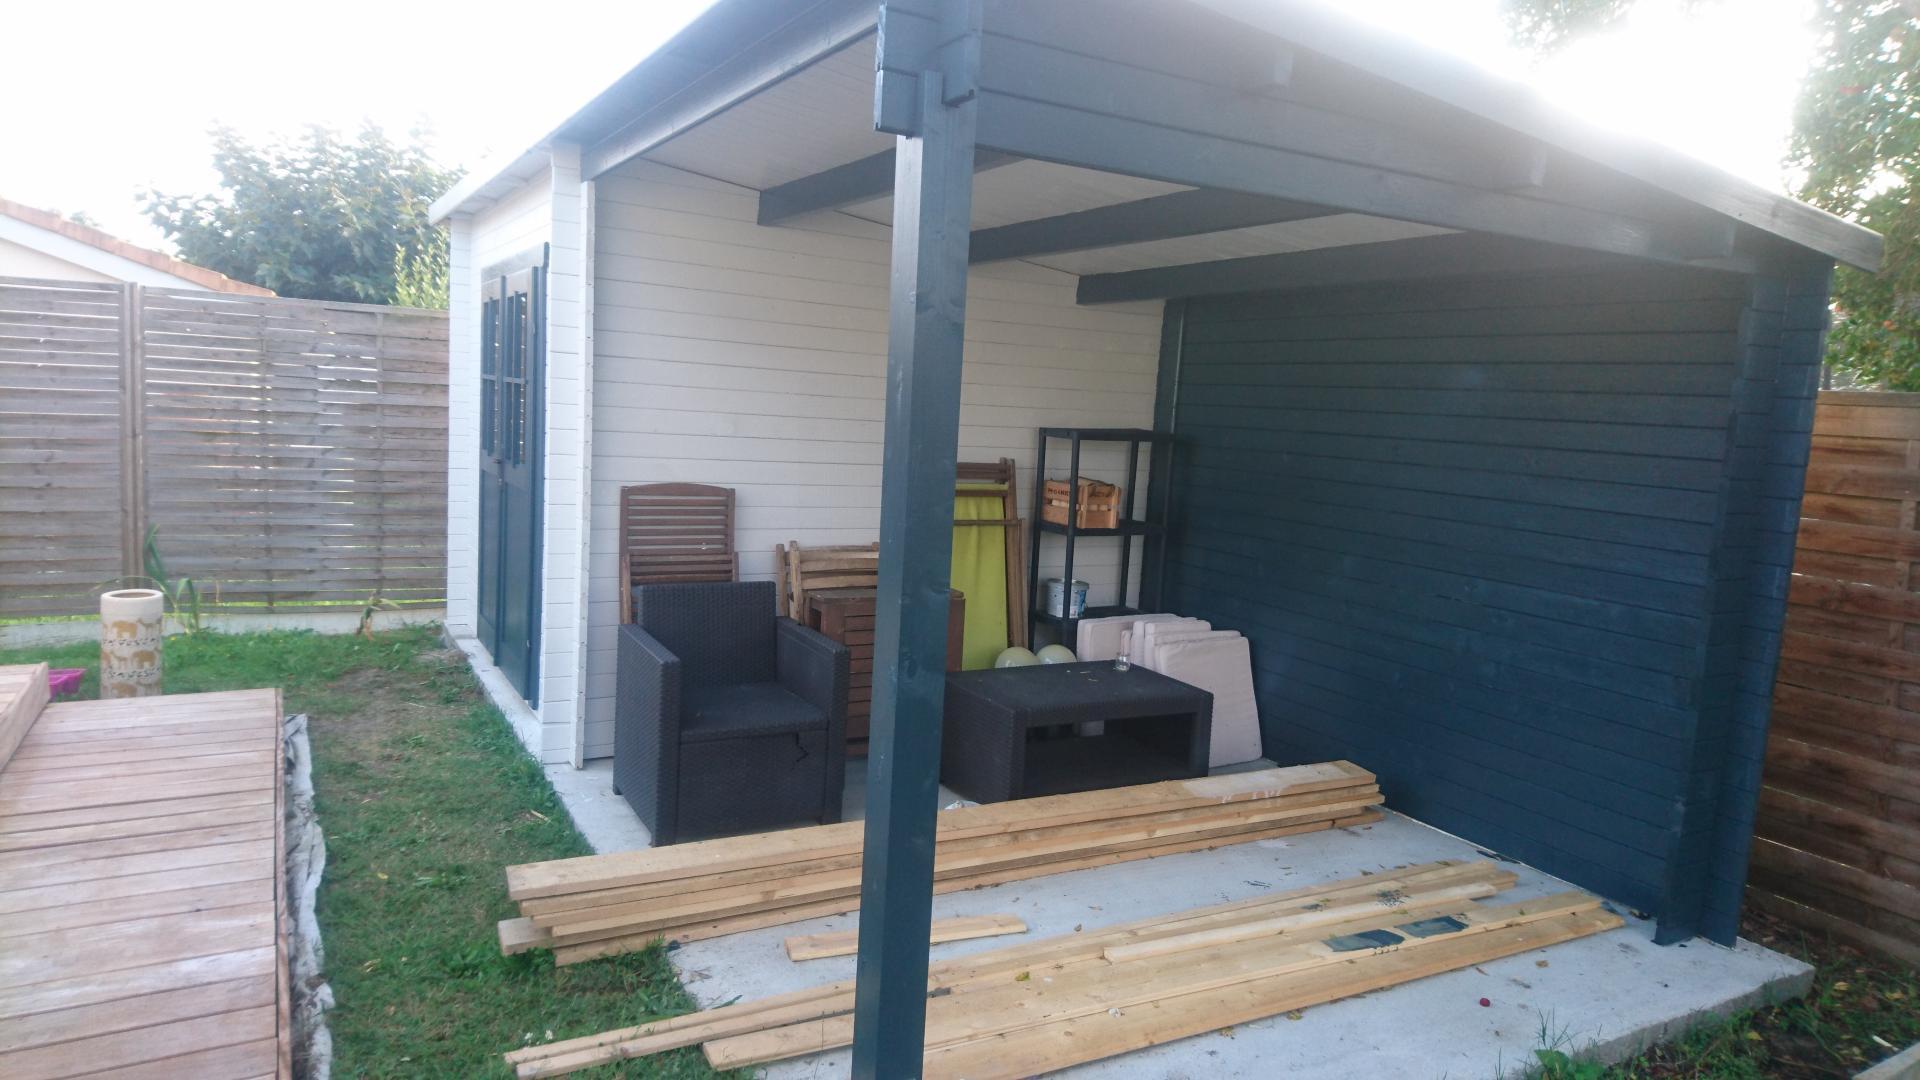 Gartenhaus 9m² PLUS + überdachte Terrasse 9m² Gardy Shelter